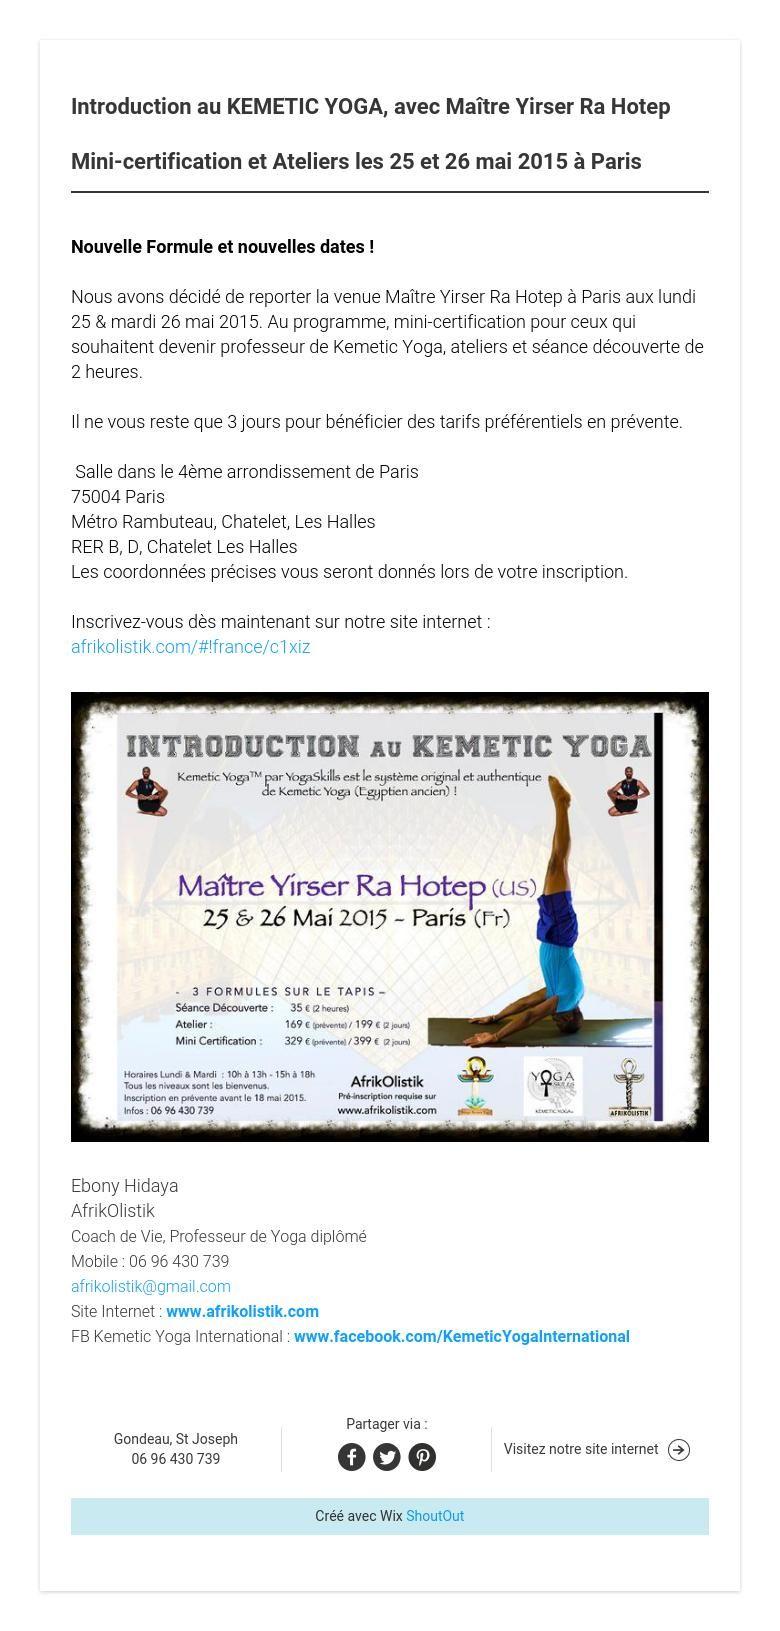 Introduction au kemetic yoga avec matre yirser ra hotep mini introduction au kemetic yoga avec matre yirser ra hotep mini certification et ateliers les 25 et 26 mai 2015 paris 1betcityfo Image collections